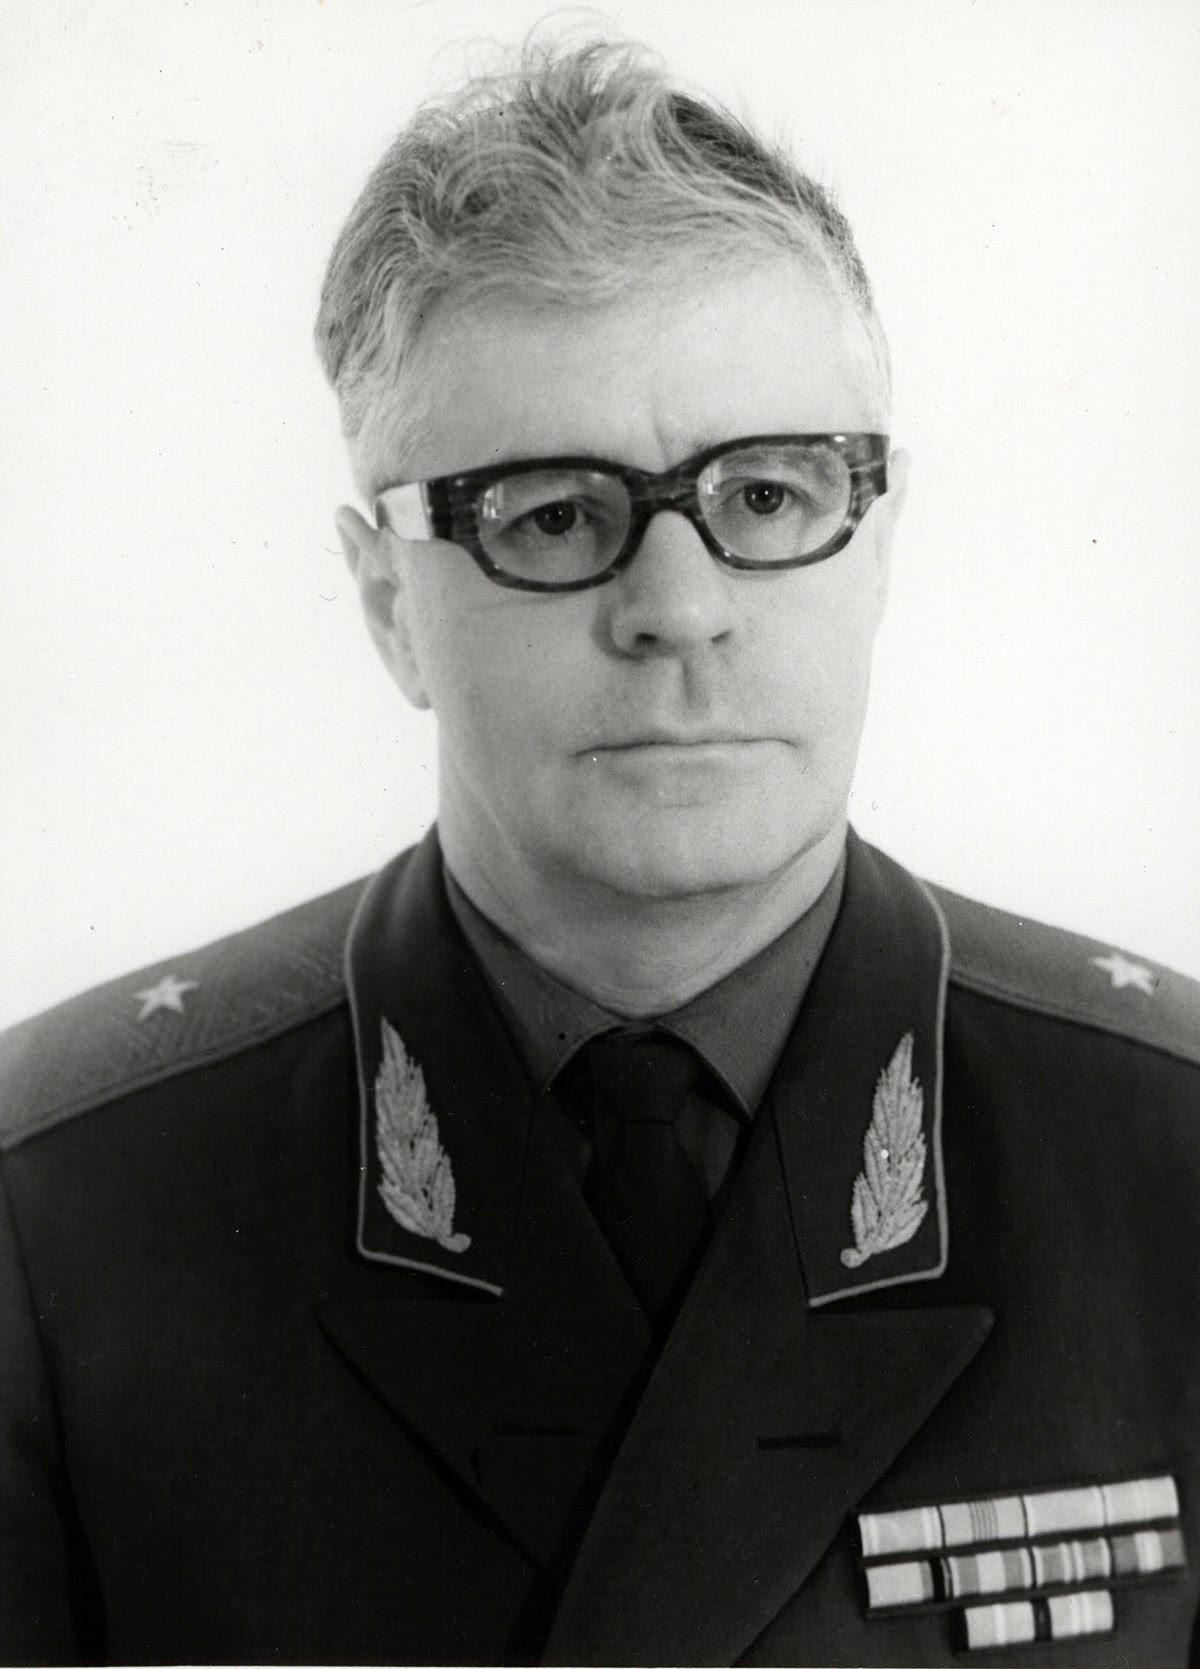 Ашмарин, Игорь Петрович — Википедия